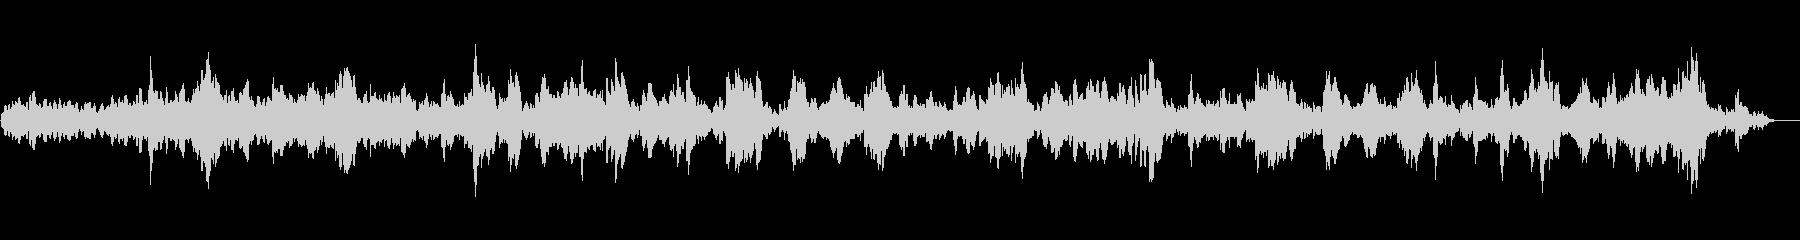 サスペンスホラー映像に合う怪しげな音楽の未再生の波形